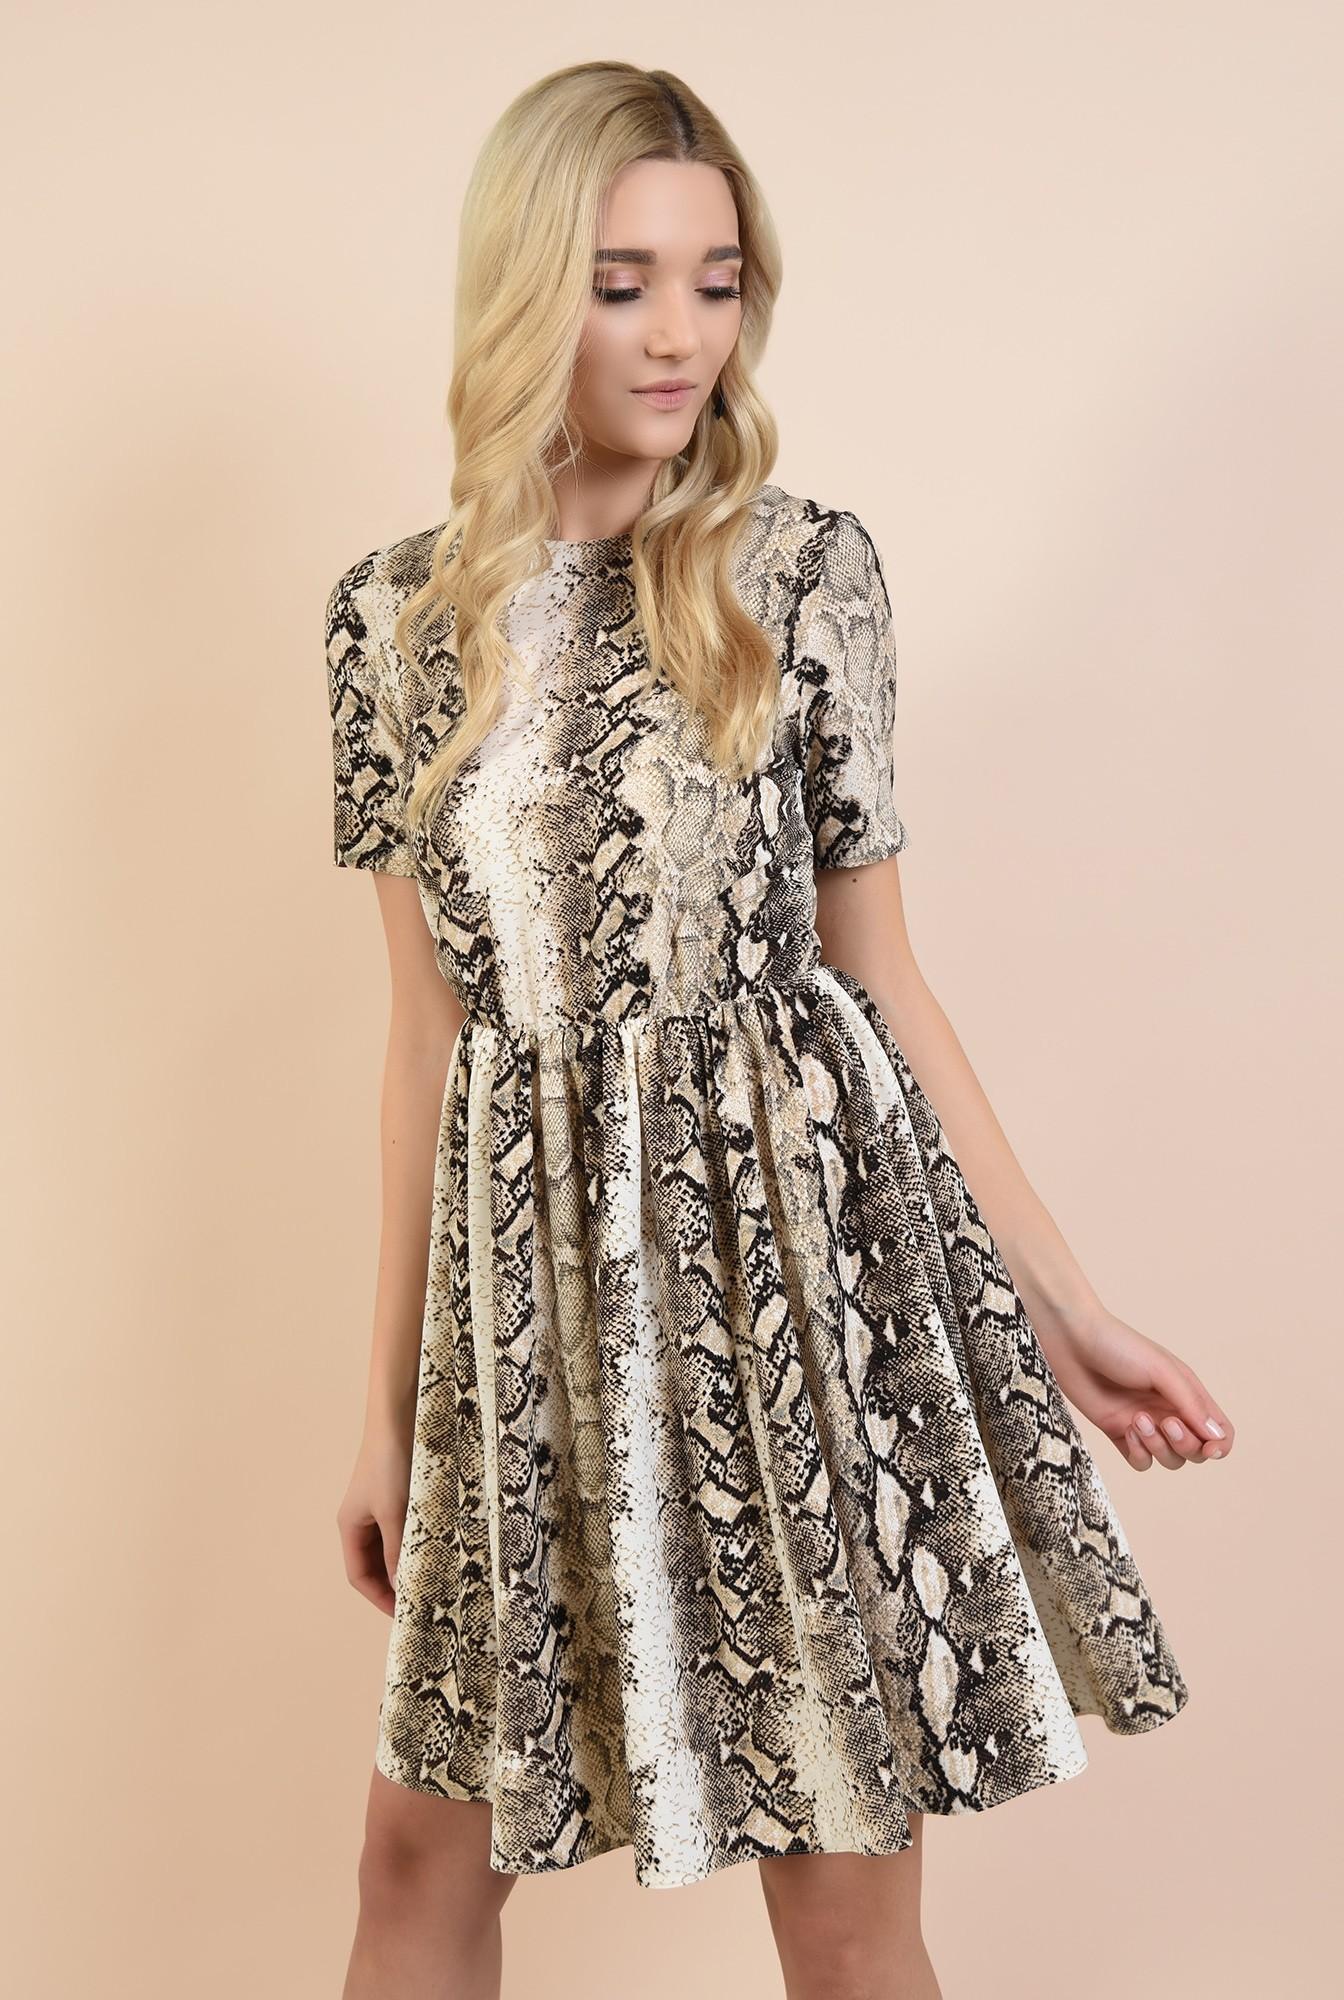 2 - rochie casual, scurta, cu imprimeu, maneci scurte, snakeskin, Poema